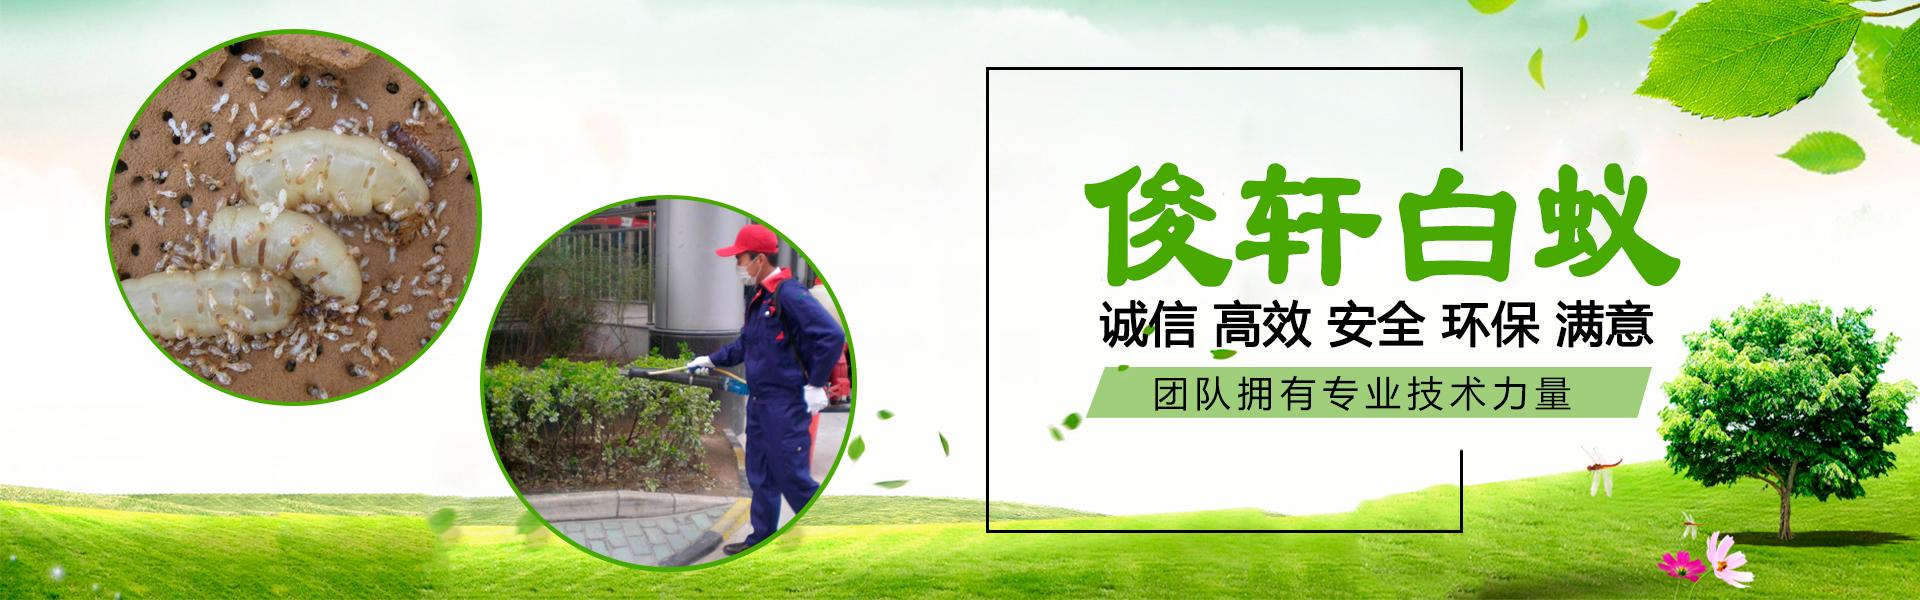 俊轩白蚁 诚信 高效 安全 环保 满意 团队拥有专业技术力量。